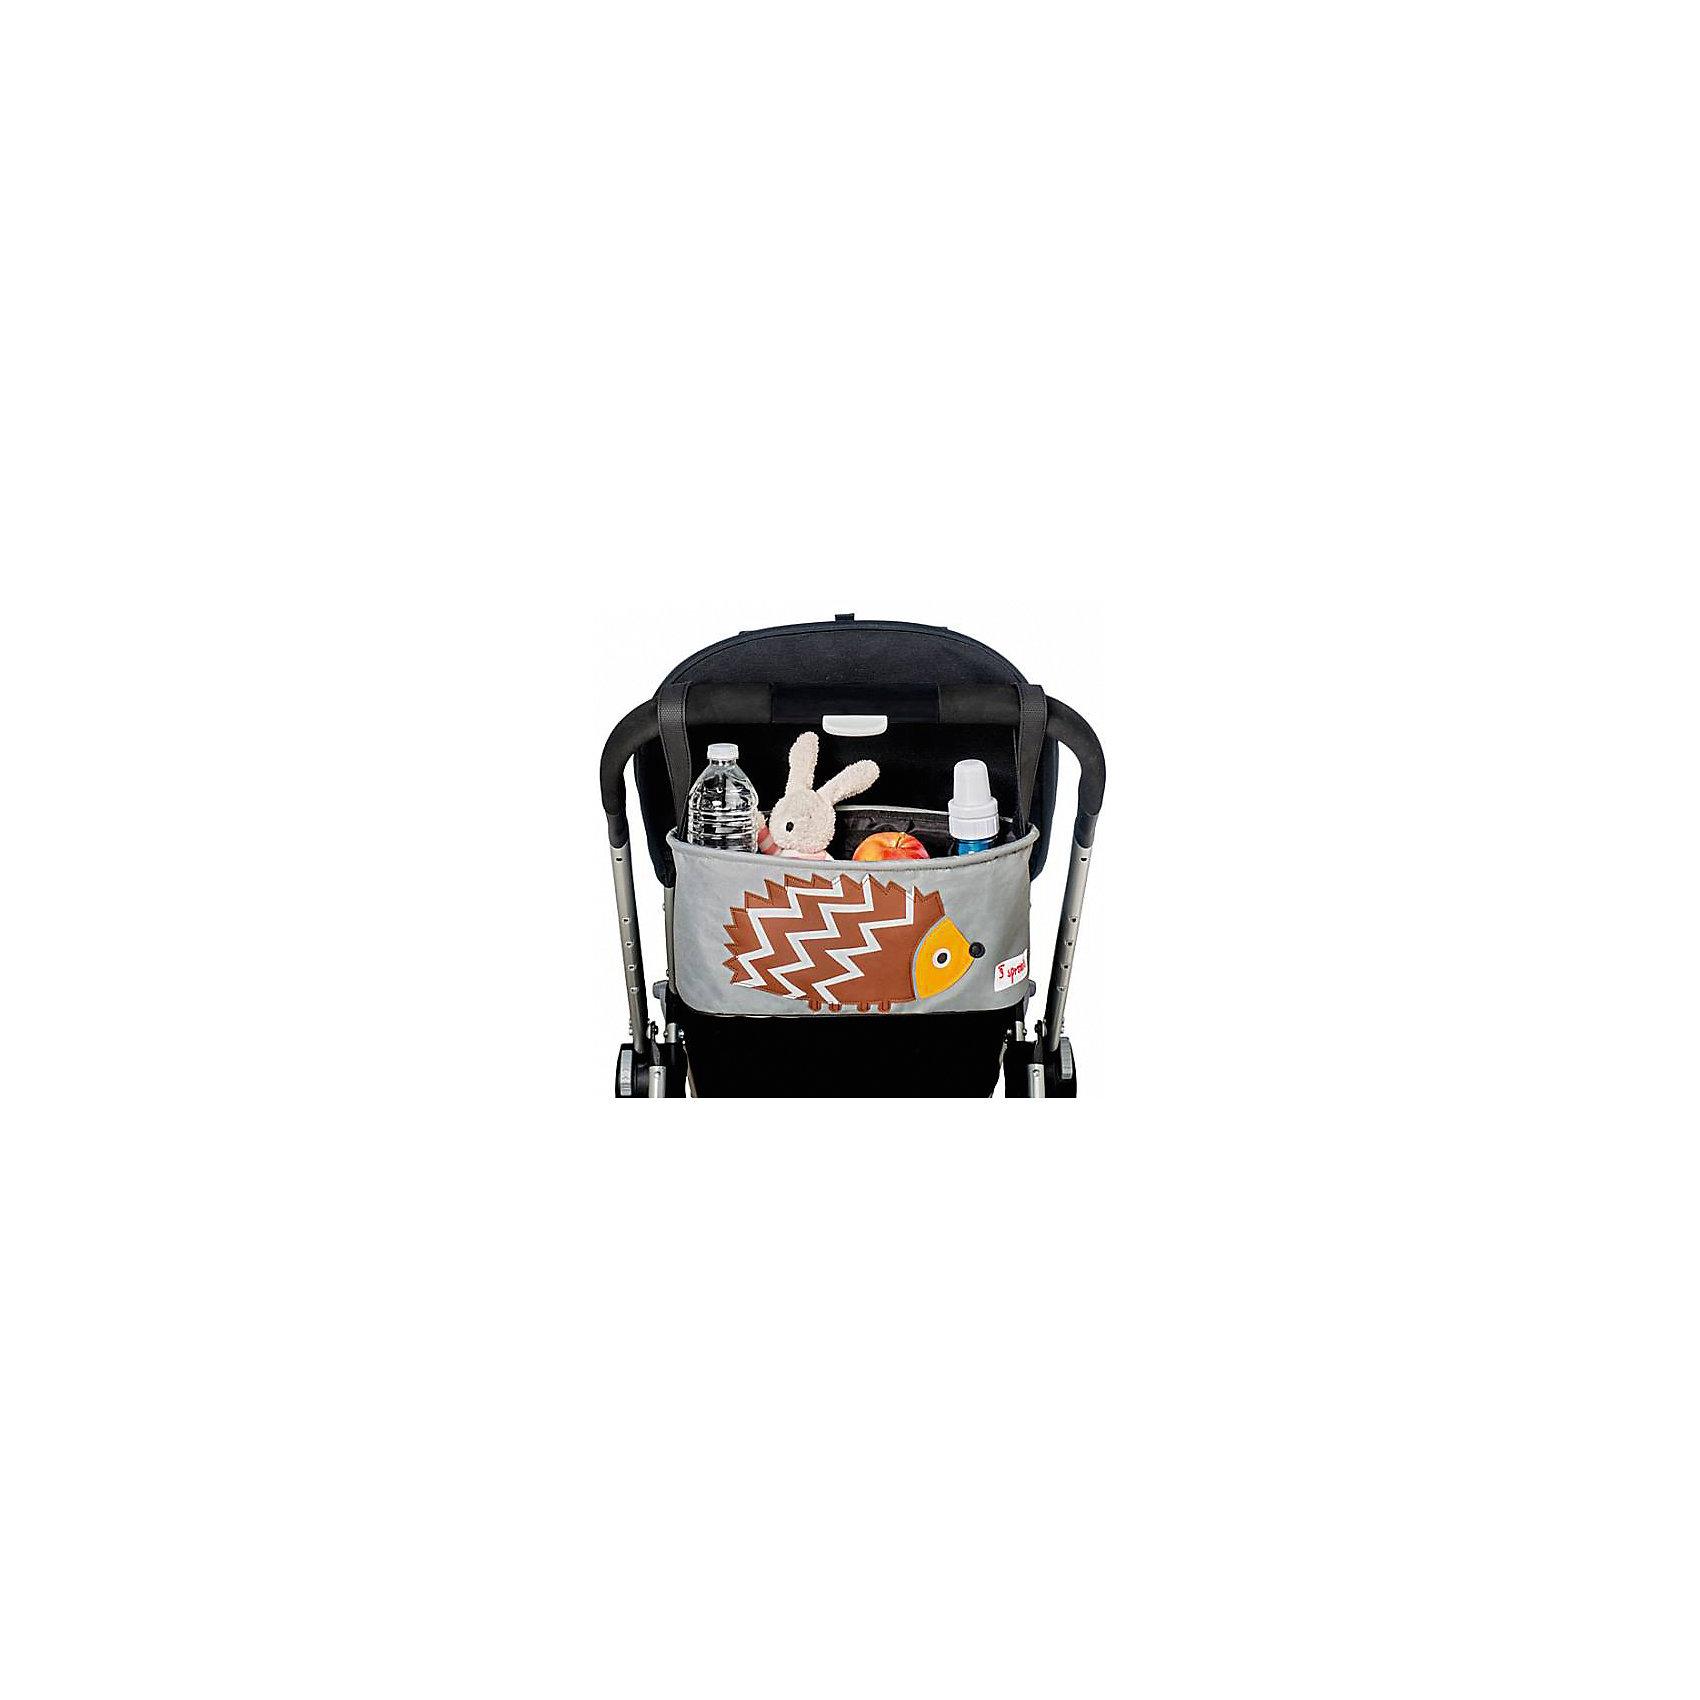 Сумка-органайзер для коляски Ёжик (Brown Hedgehog SPR808), 3 SproutsАксессуары для колясок<br>Милая сумка-органайзер для мамы. Всё необходимое будет под рукой, когда Вы отправитесь на прогулку со своим малышом. Сумочку можно просто протирать при необходимости, она имеет два отделённых отсека для стакана или бутылки. Так же, есть специальный потайной кармашек для ключей и телефона.<br><br>Дополнительная информация:<br><br>- Размер: 32x15x13 см.<br>- Материал: полиэстер.<br>- Орнамент: Ёжик.<br><br>Купить сумку-органайзер для коляски Ёжик (Brown Hedgehog), можно в нашем магазине.<br><br>Ширина мм: 420<br>Глубина мм: 25<br>Высота мм: 180<br>Вес г: 226<br>Возраст от месяцев: 0<br>Возраст до месяцев: 36<br>Пол: Унисекс<br>Возраст: Детский<br>SKU: 5098253